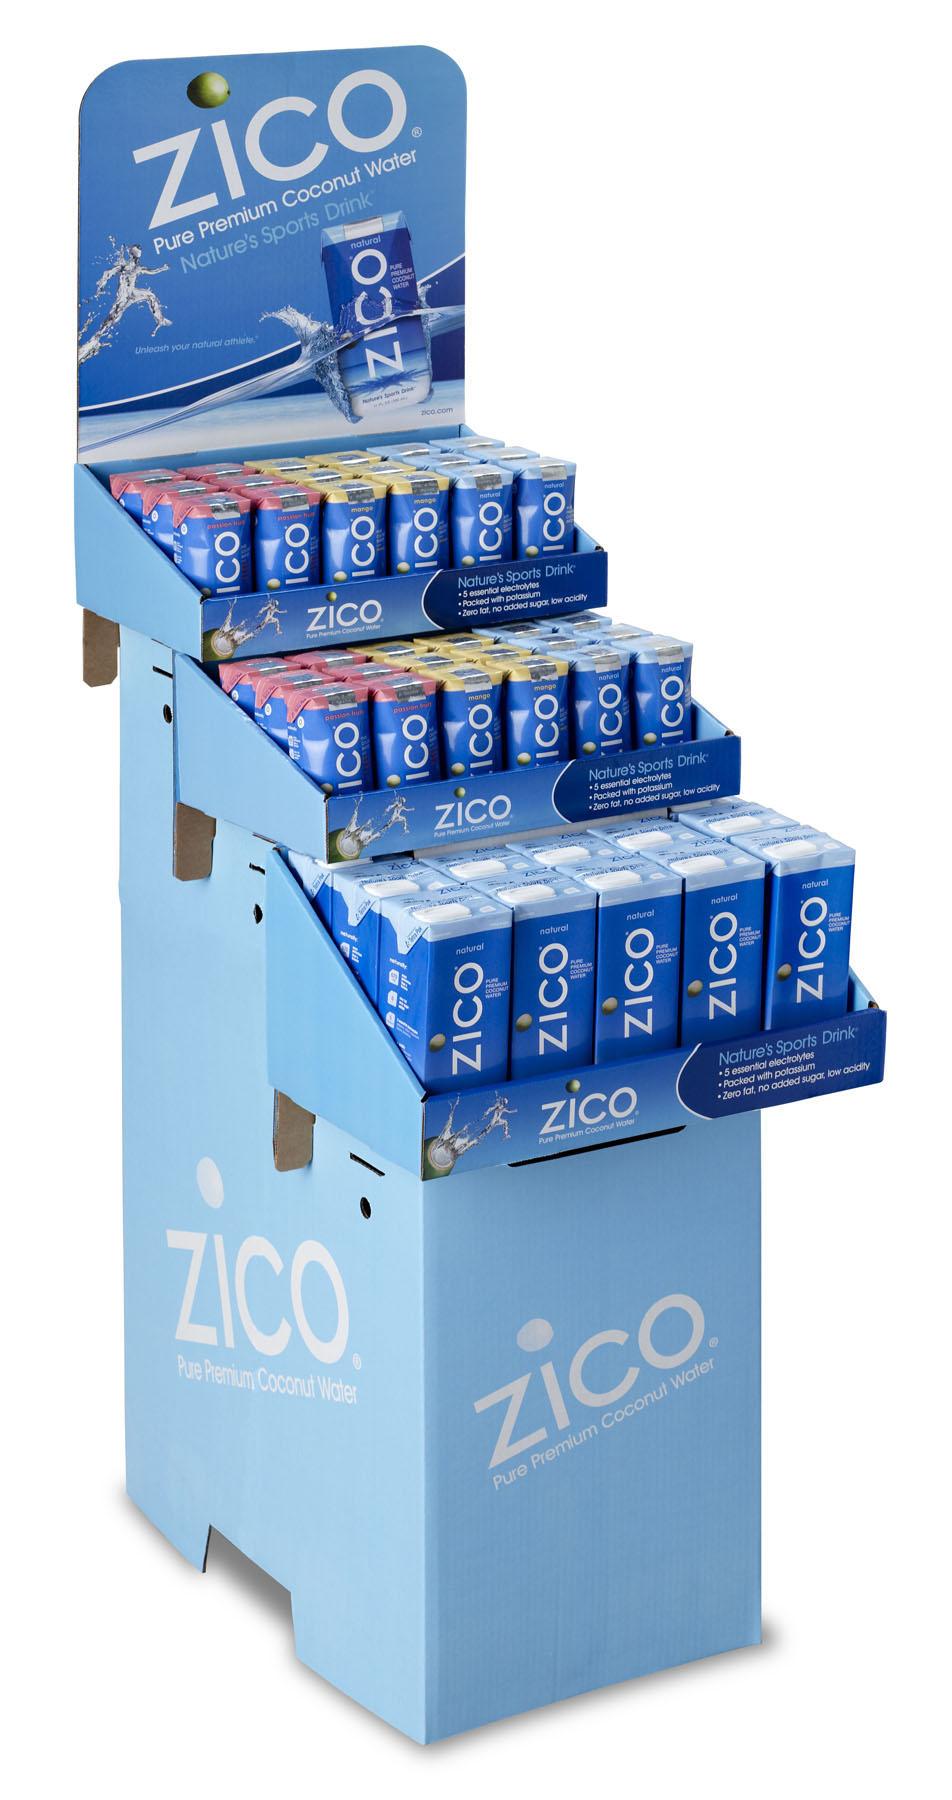 Zico Aisle Display.jpg